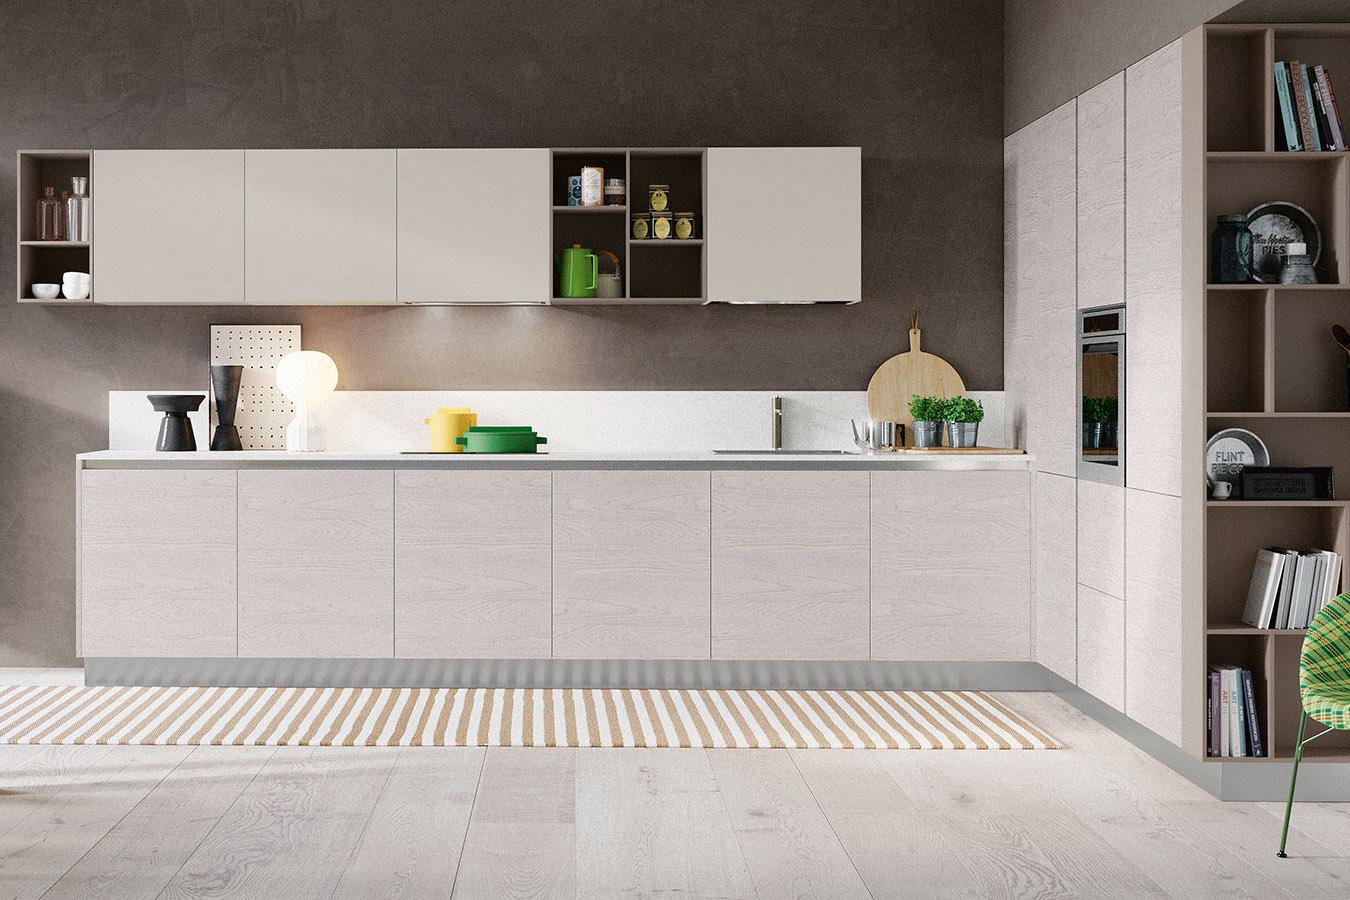 Cucina-moderna-promozione-prezzo-economico-cloe-Arredo3-4-righetti ...